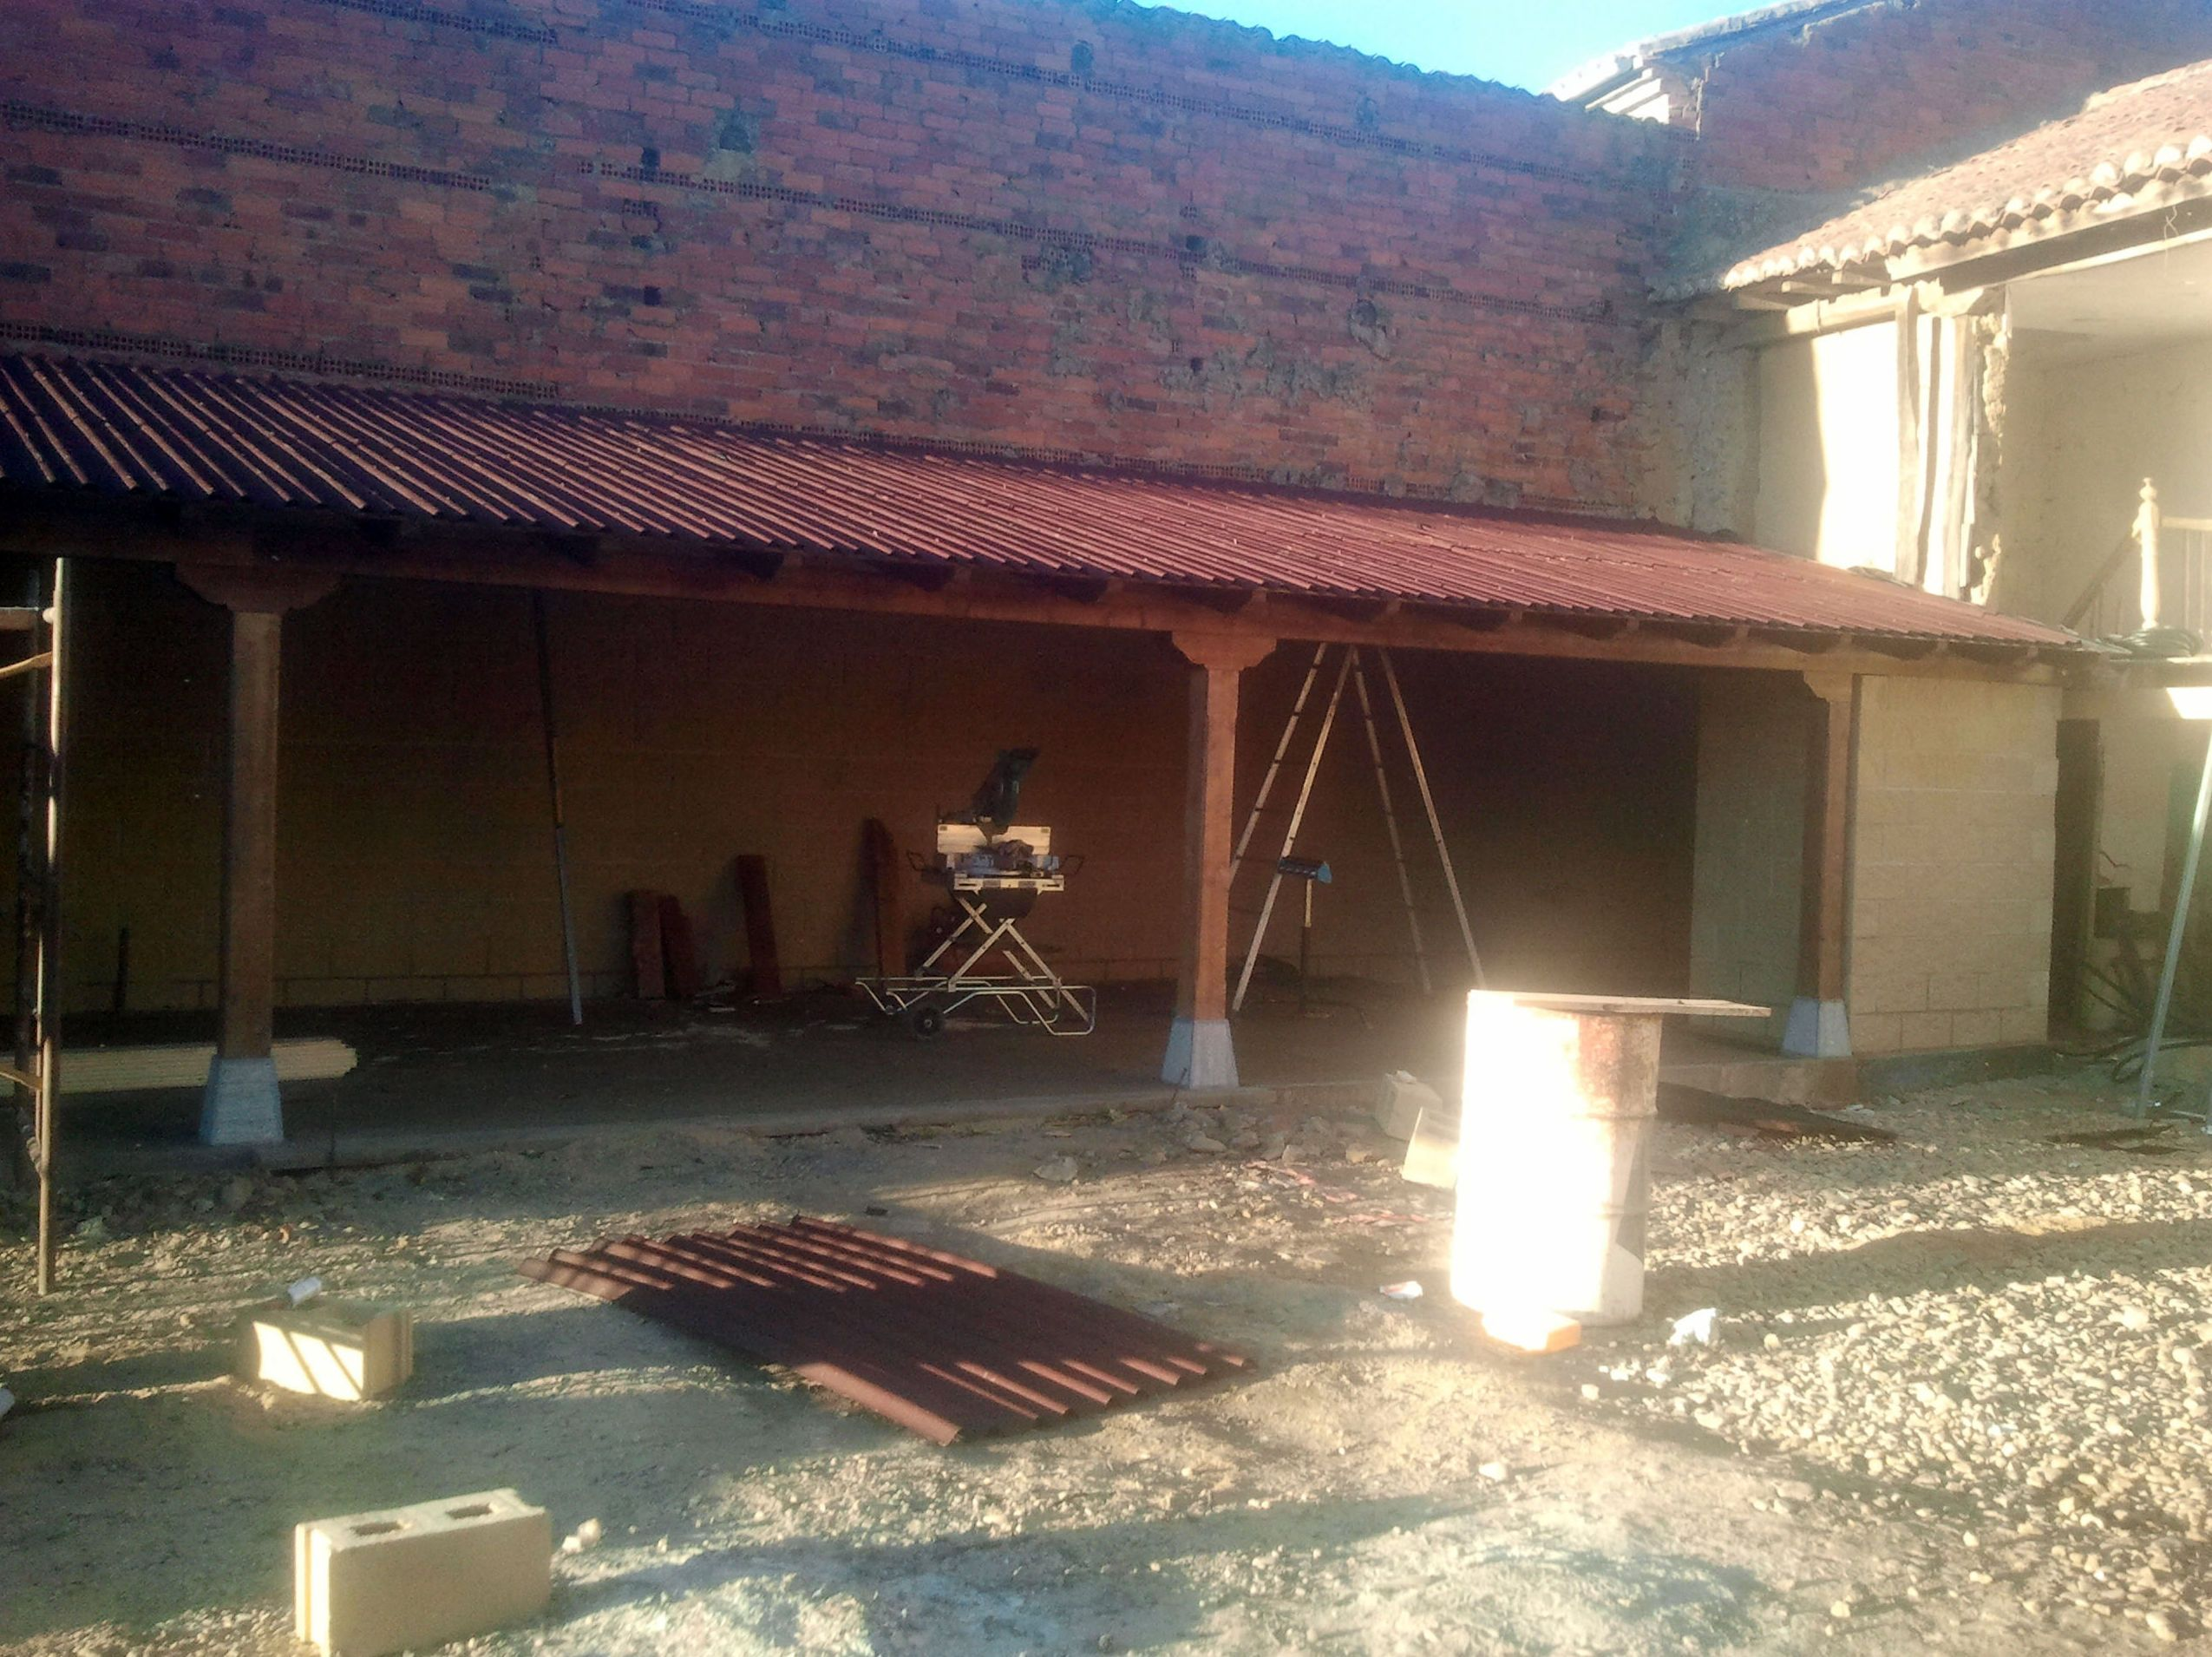 Reparaci n de cubiertas y tejados en cantabria cubiertas for Tejados de madera en cantabria